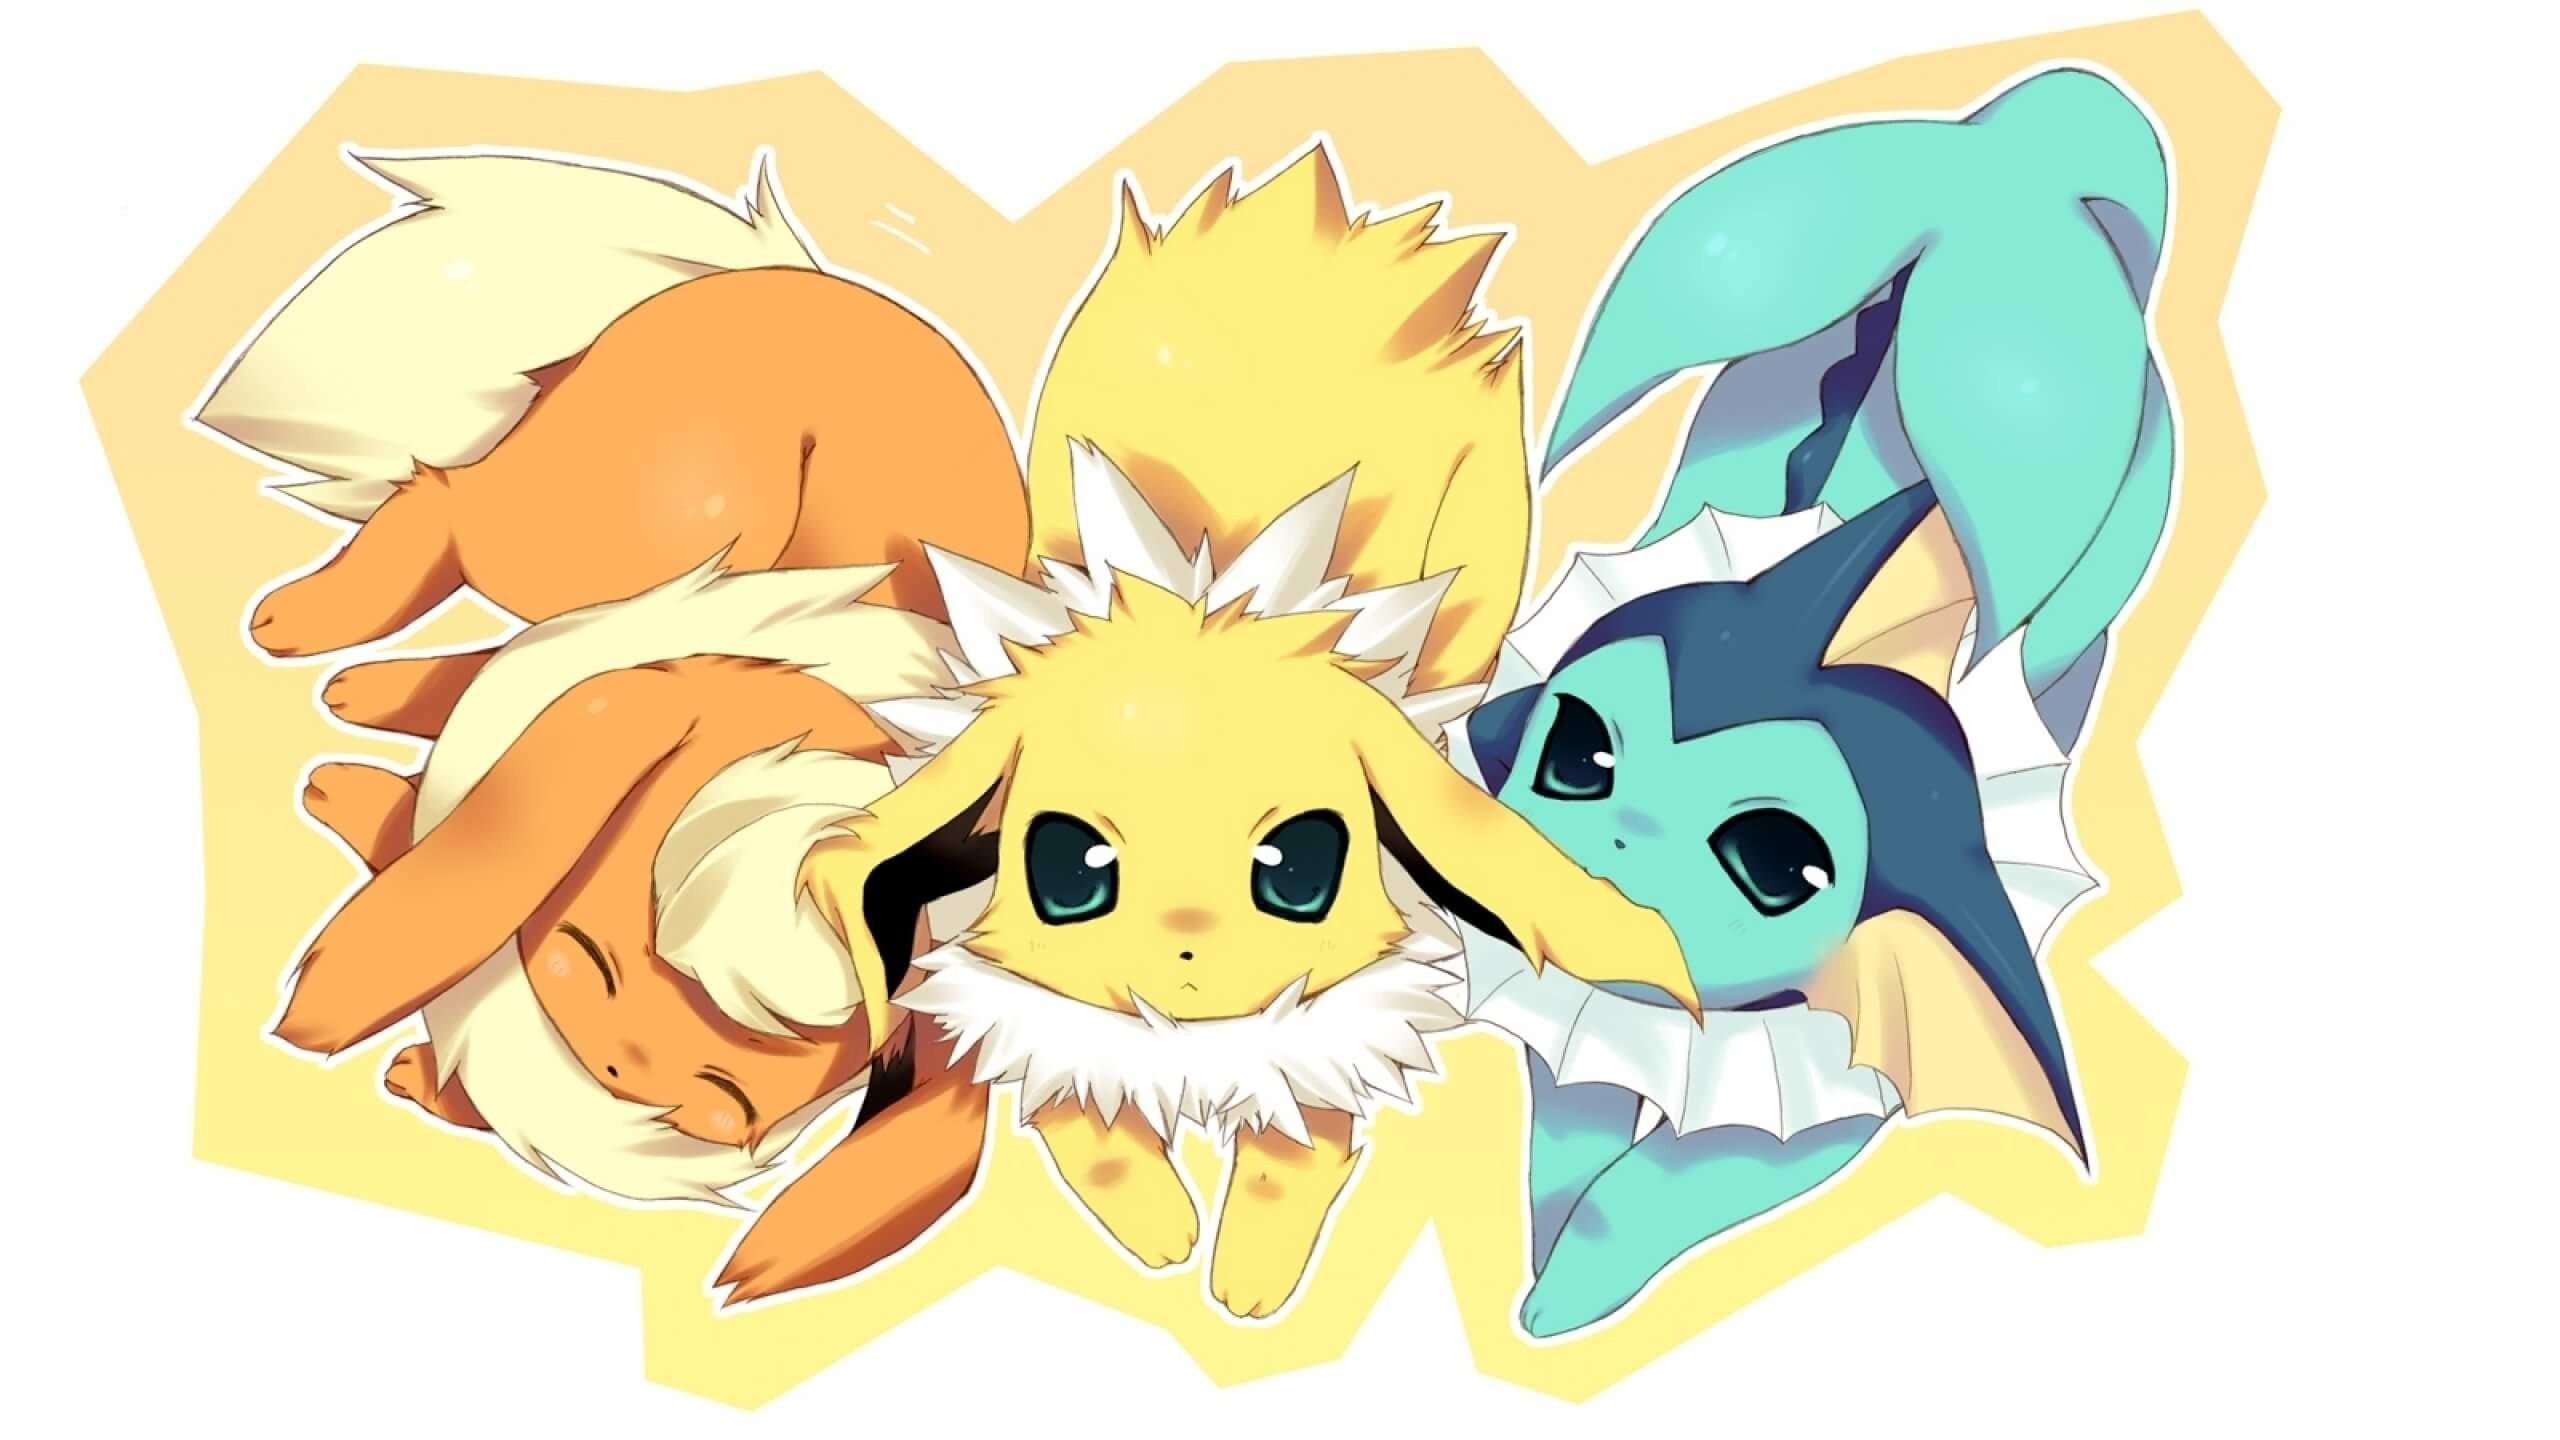 1080x1920 Eevee Pokemon Character IPhone 6 HD Wallpaper